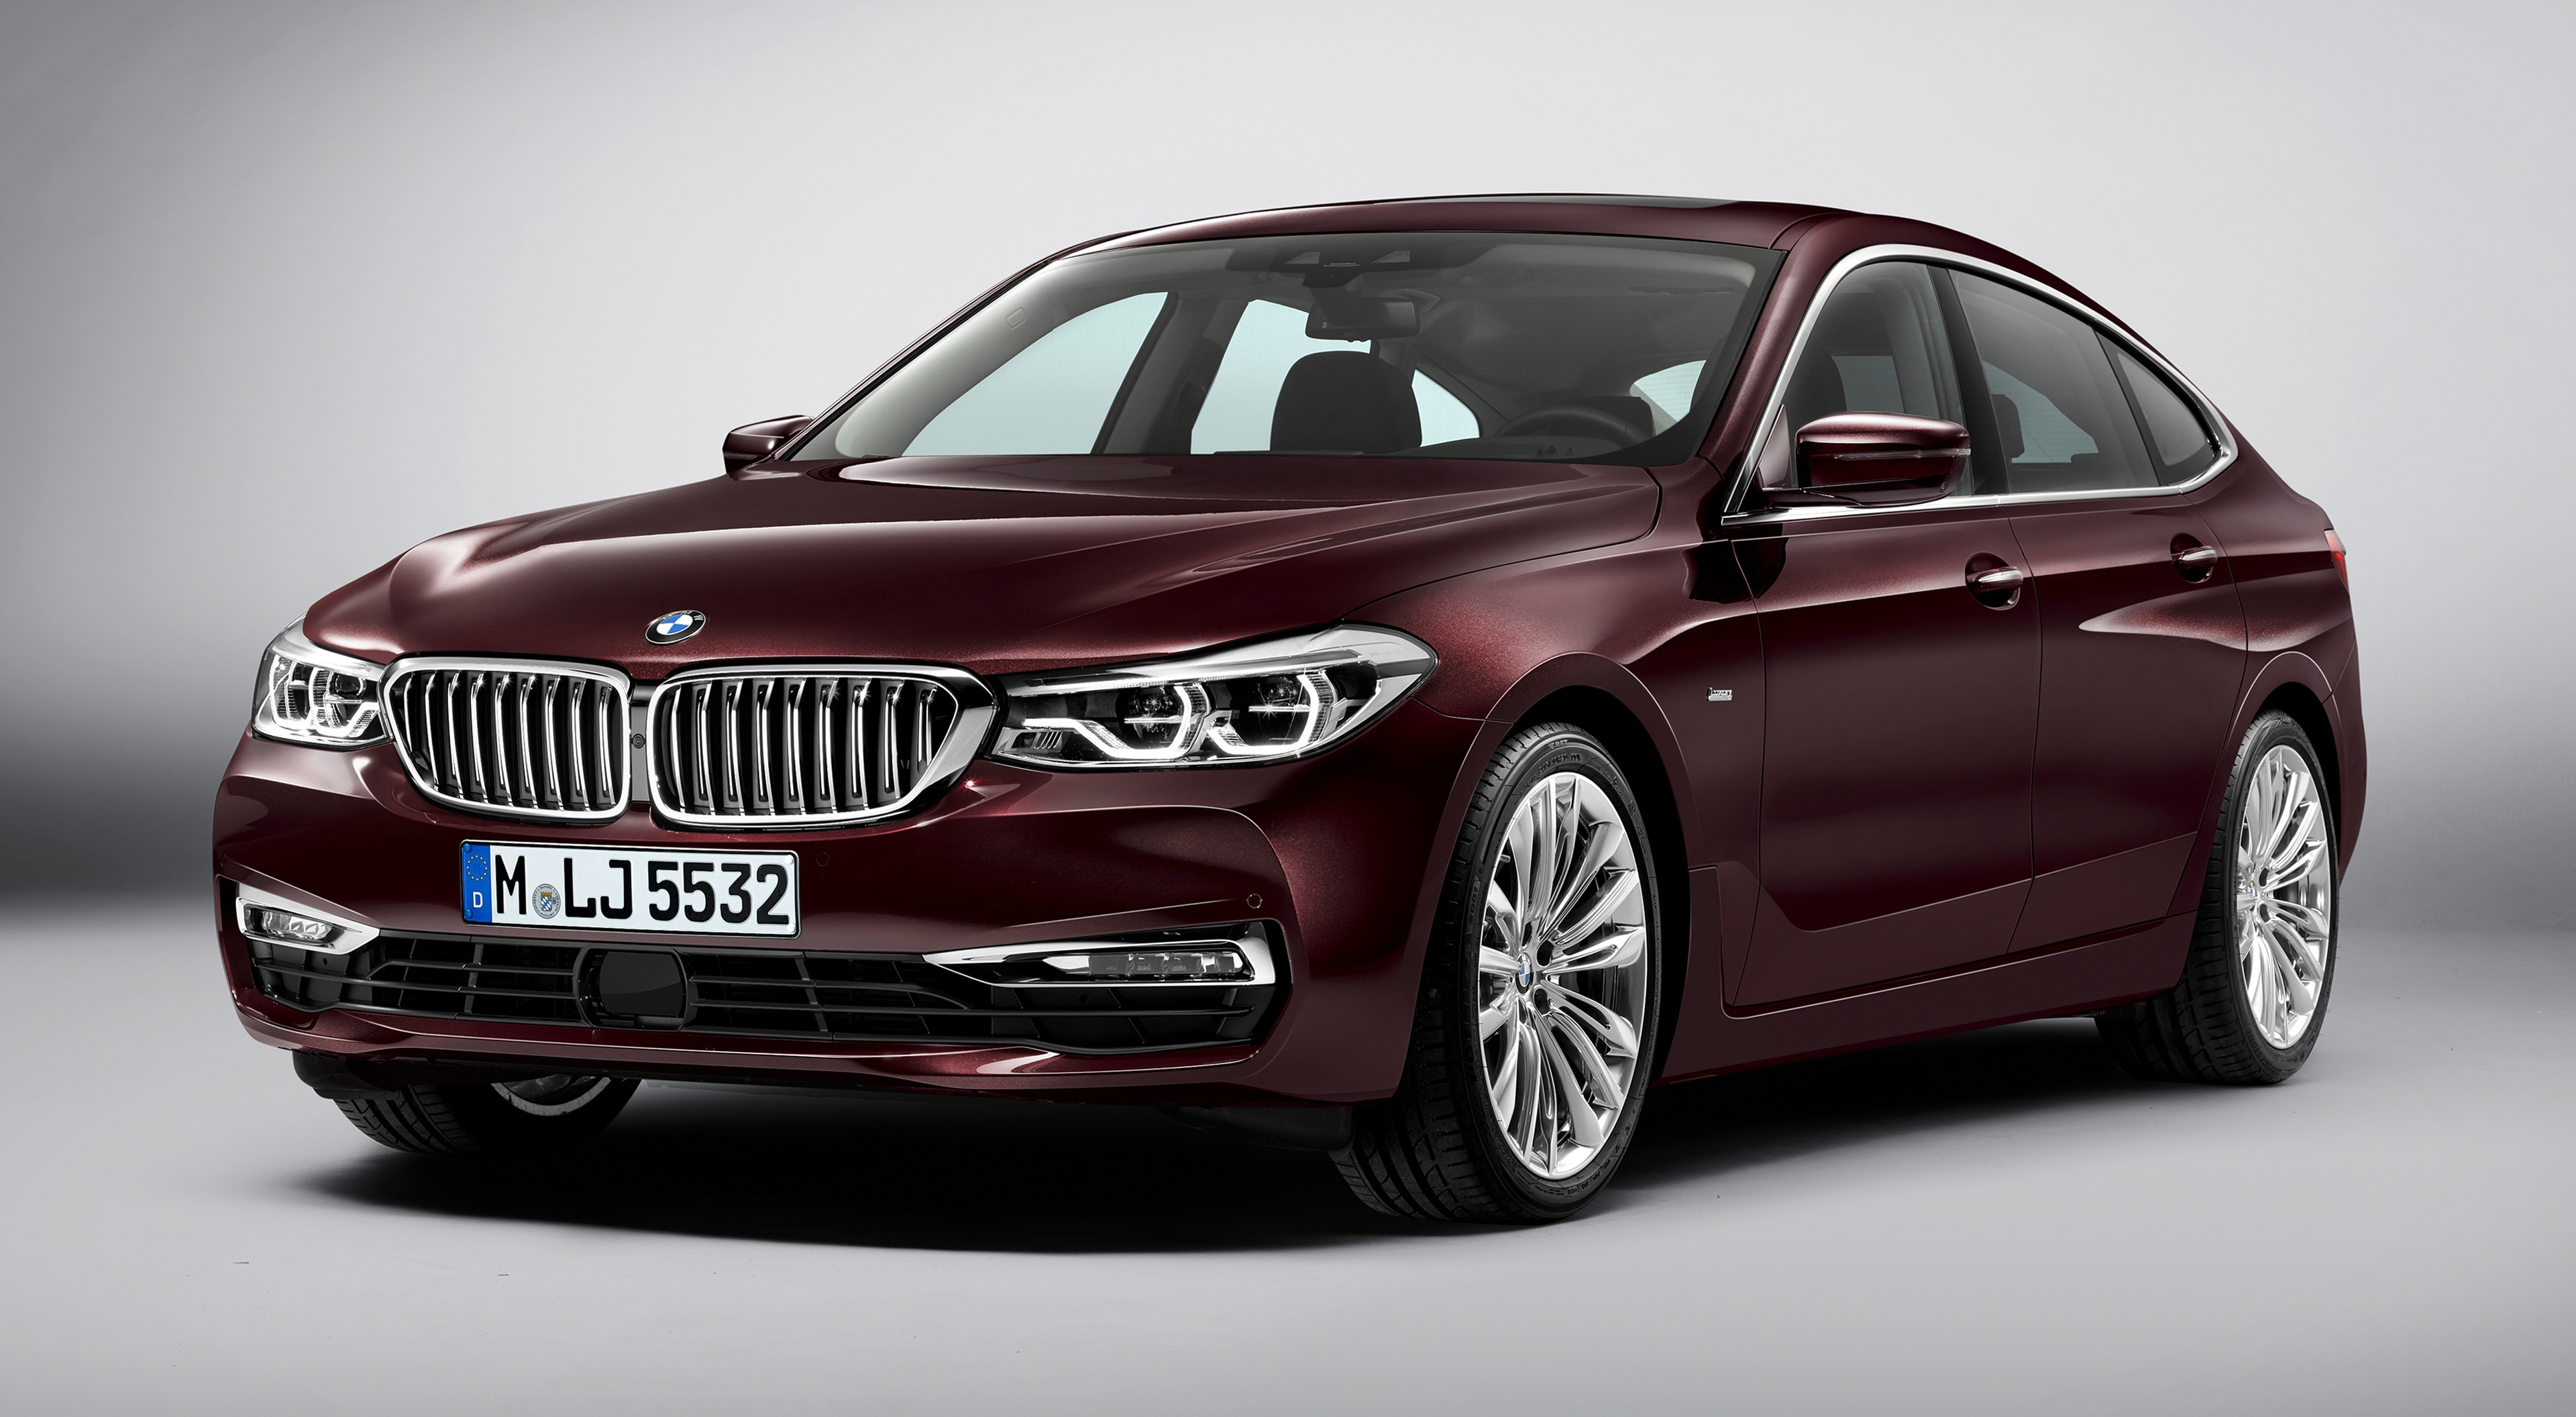 Фотография БМВ Liftback, 630d, xDrive, Gran Turismo, Luxury Line, 2017 бордовая Автомобили Серый фон BMW Бордовый бордовые темно красный авто машины машина автомобиль сером фоне